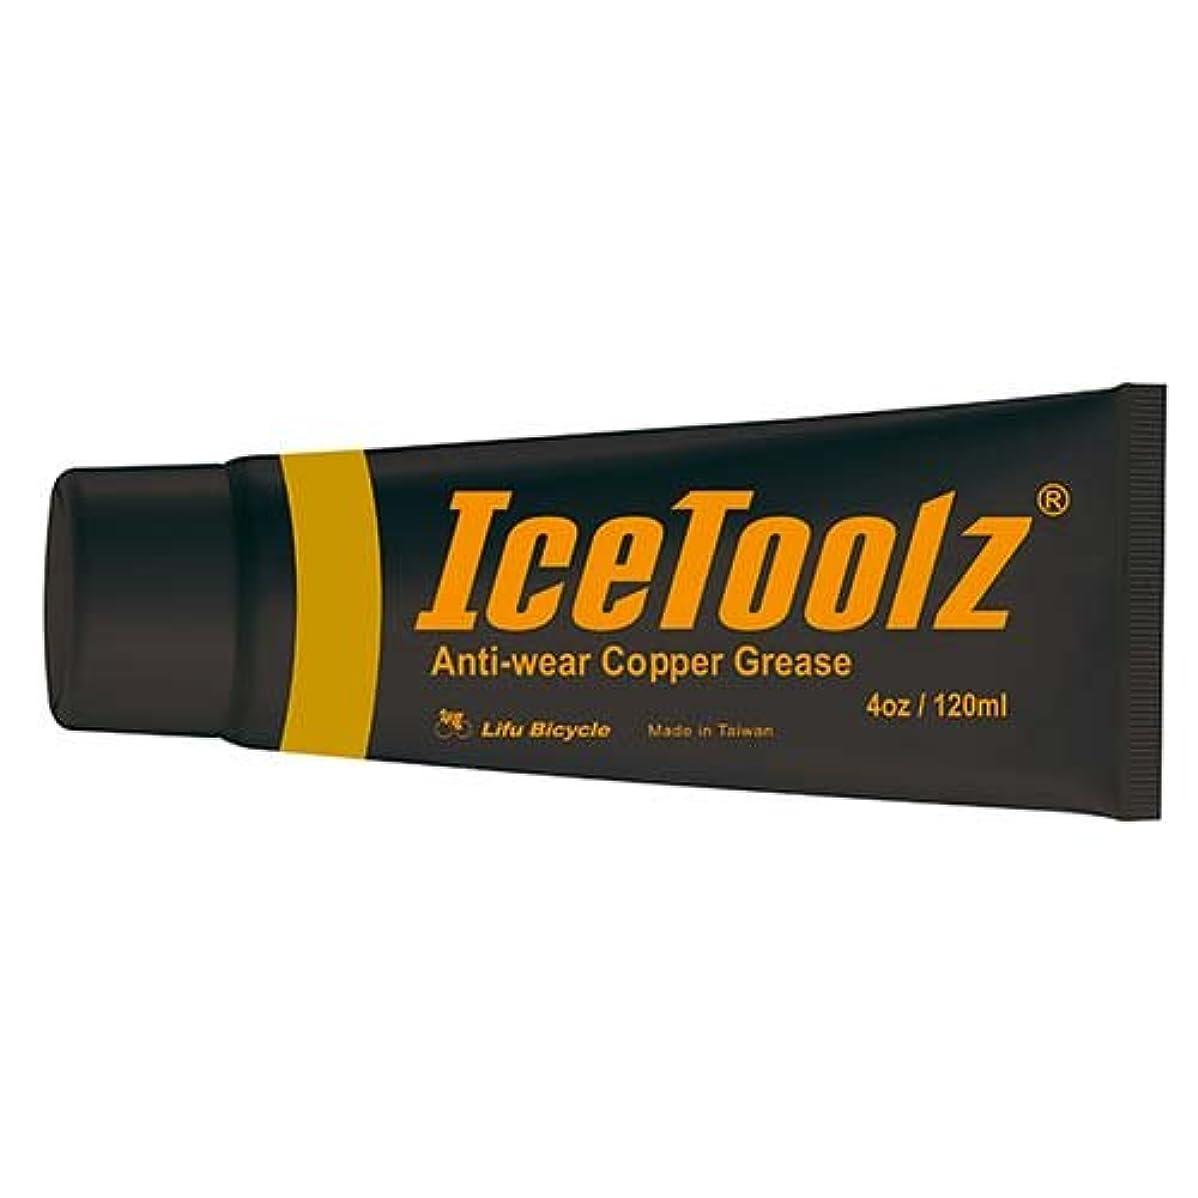 通信網お酢お酢IceToolz(アイスツールズ) C172 カッパーグリース 120ml